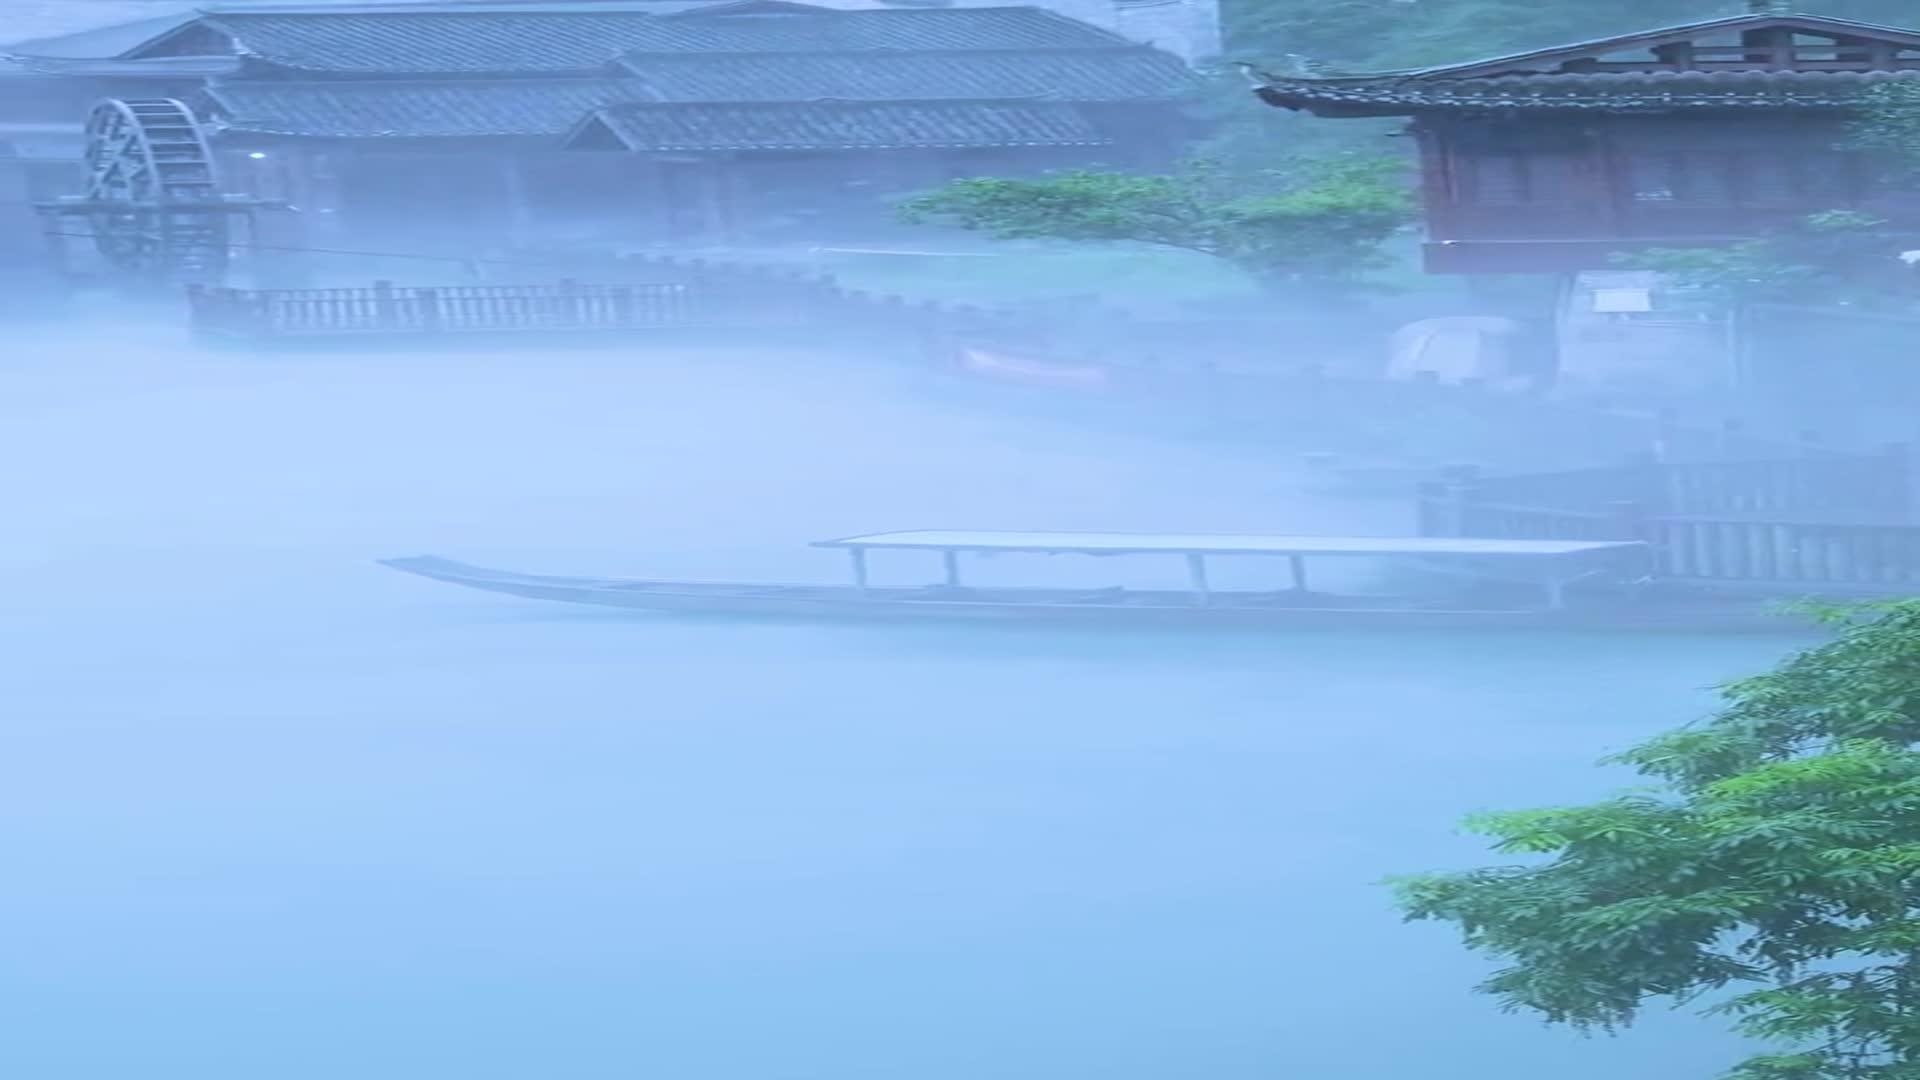 江南烟雨几多愁,点滴思绪涌心头。青瓦长忆旧时雨